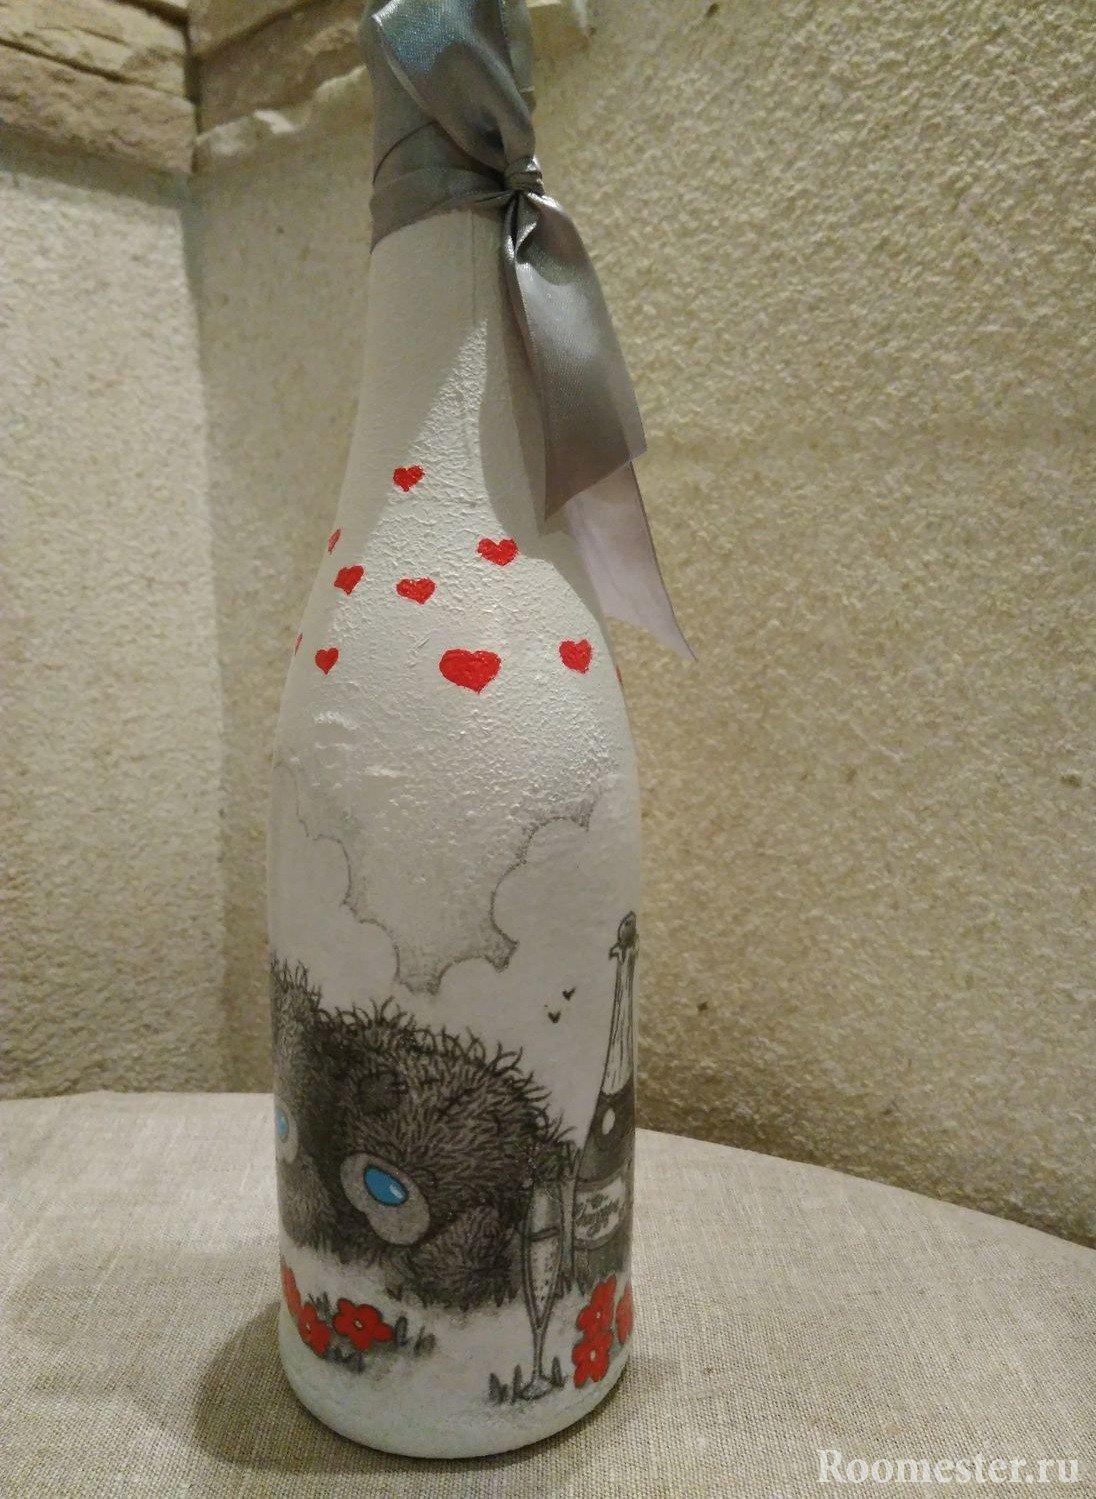 Рисунок на бутылке